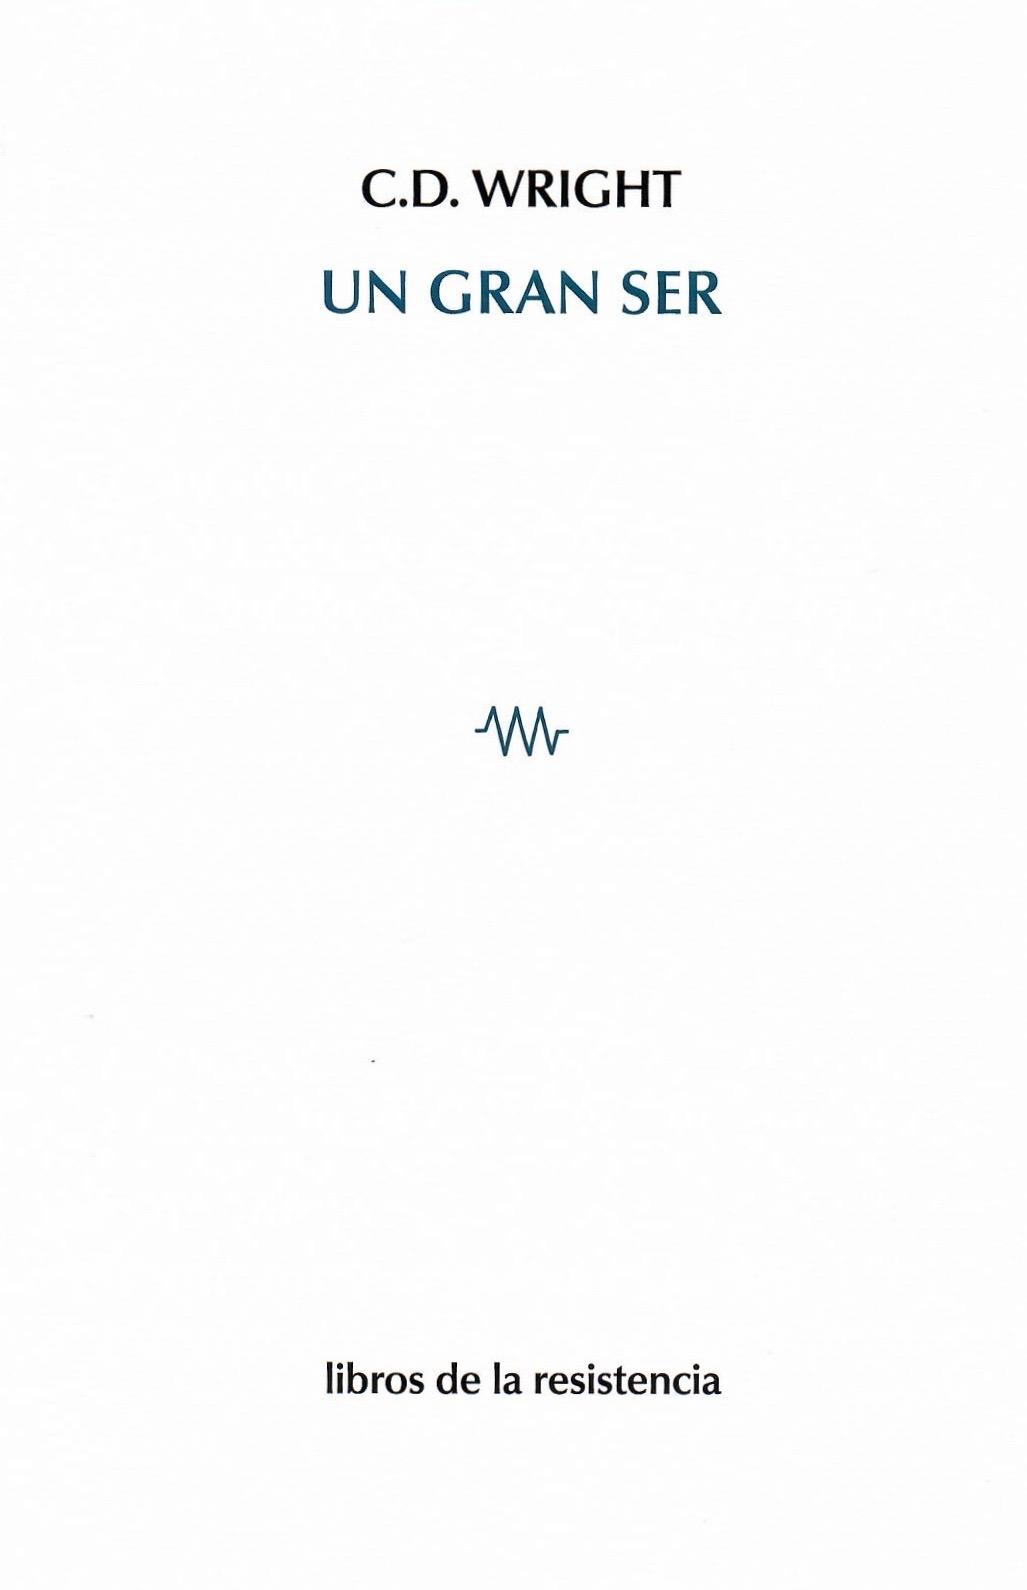 Translated into Spanish by Antonio Alarcón Libros de Resistencia (Madrid, 2018)